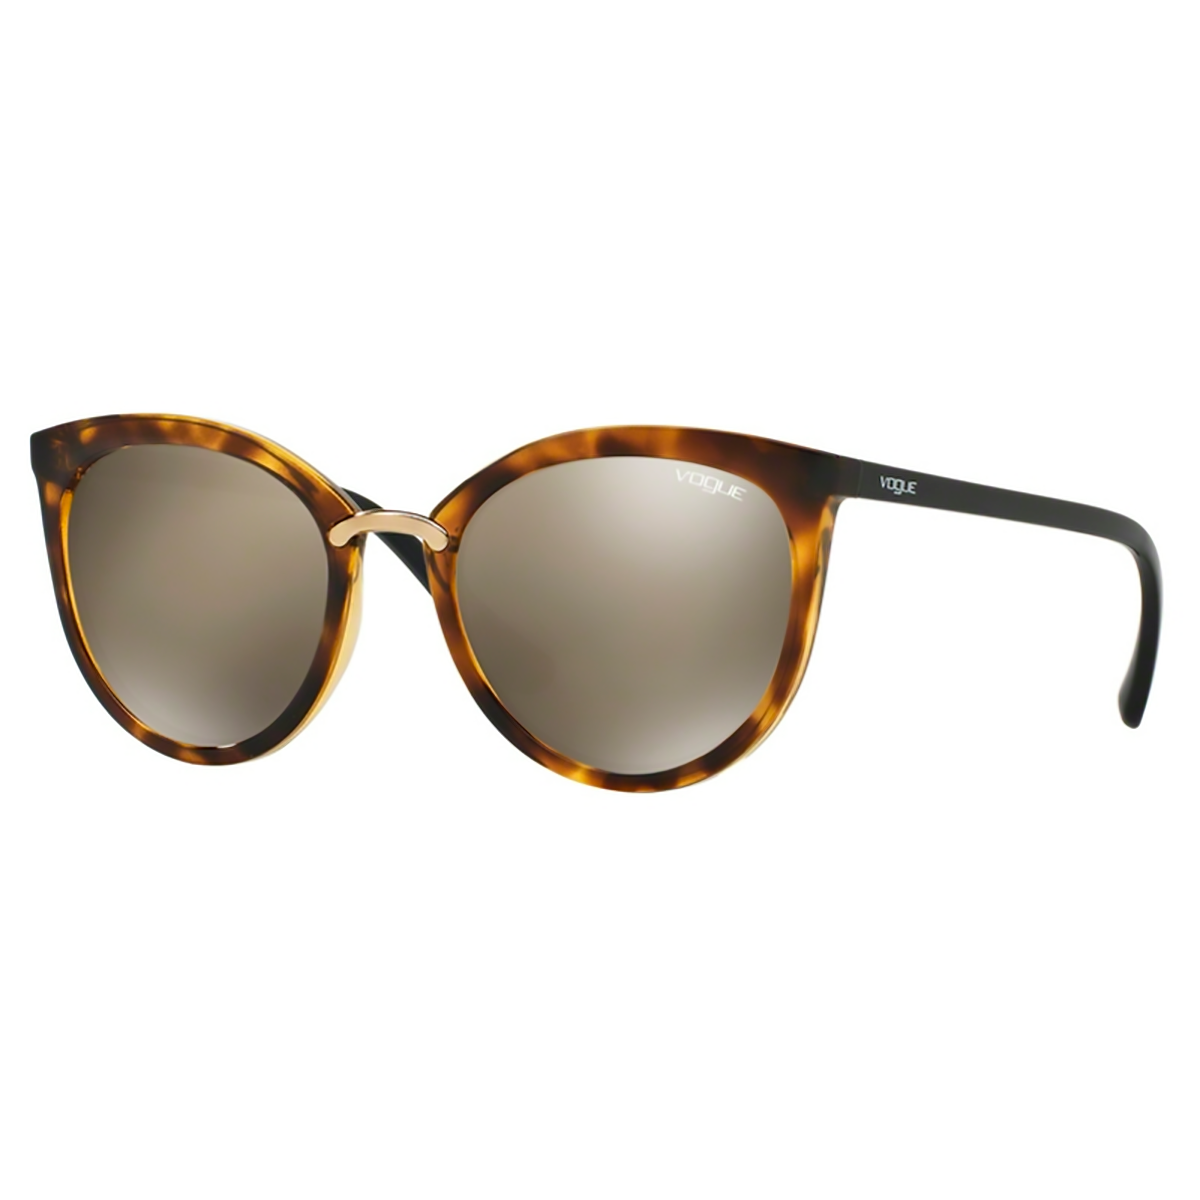 Compre Óculos de sol Vogue em 10X   Tri-Jóia Shop be262af86e